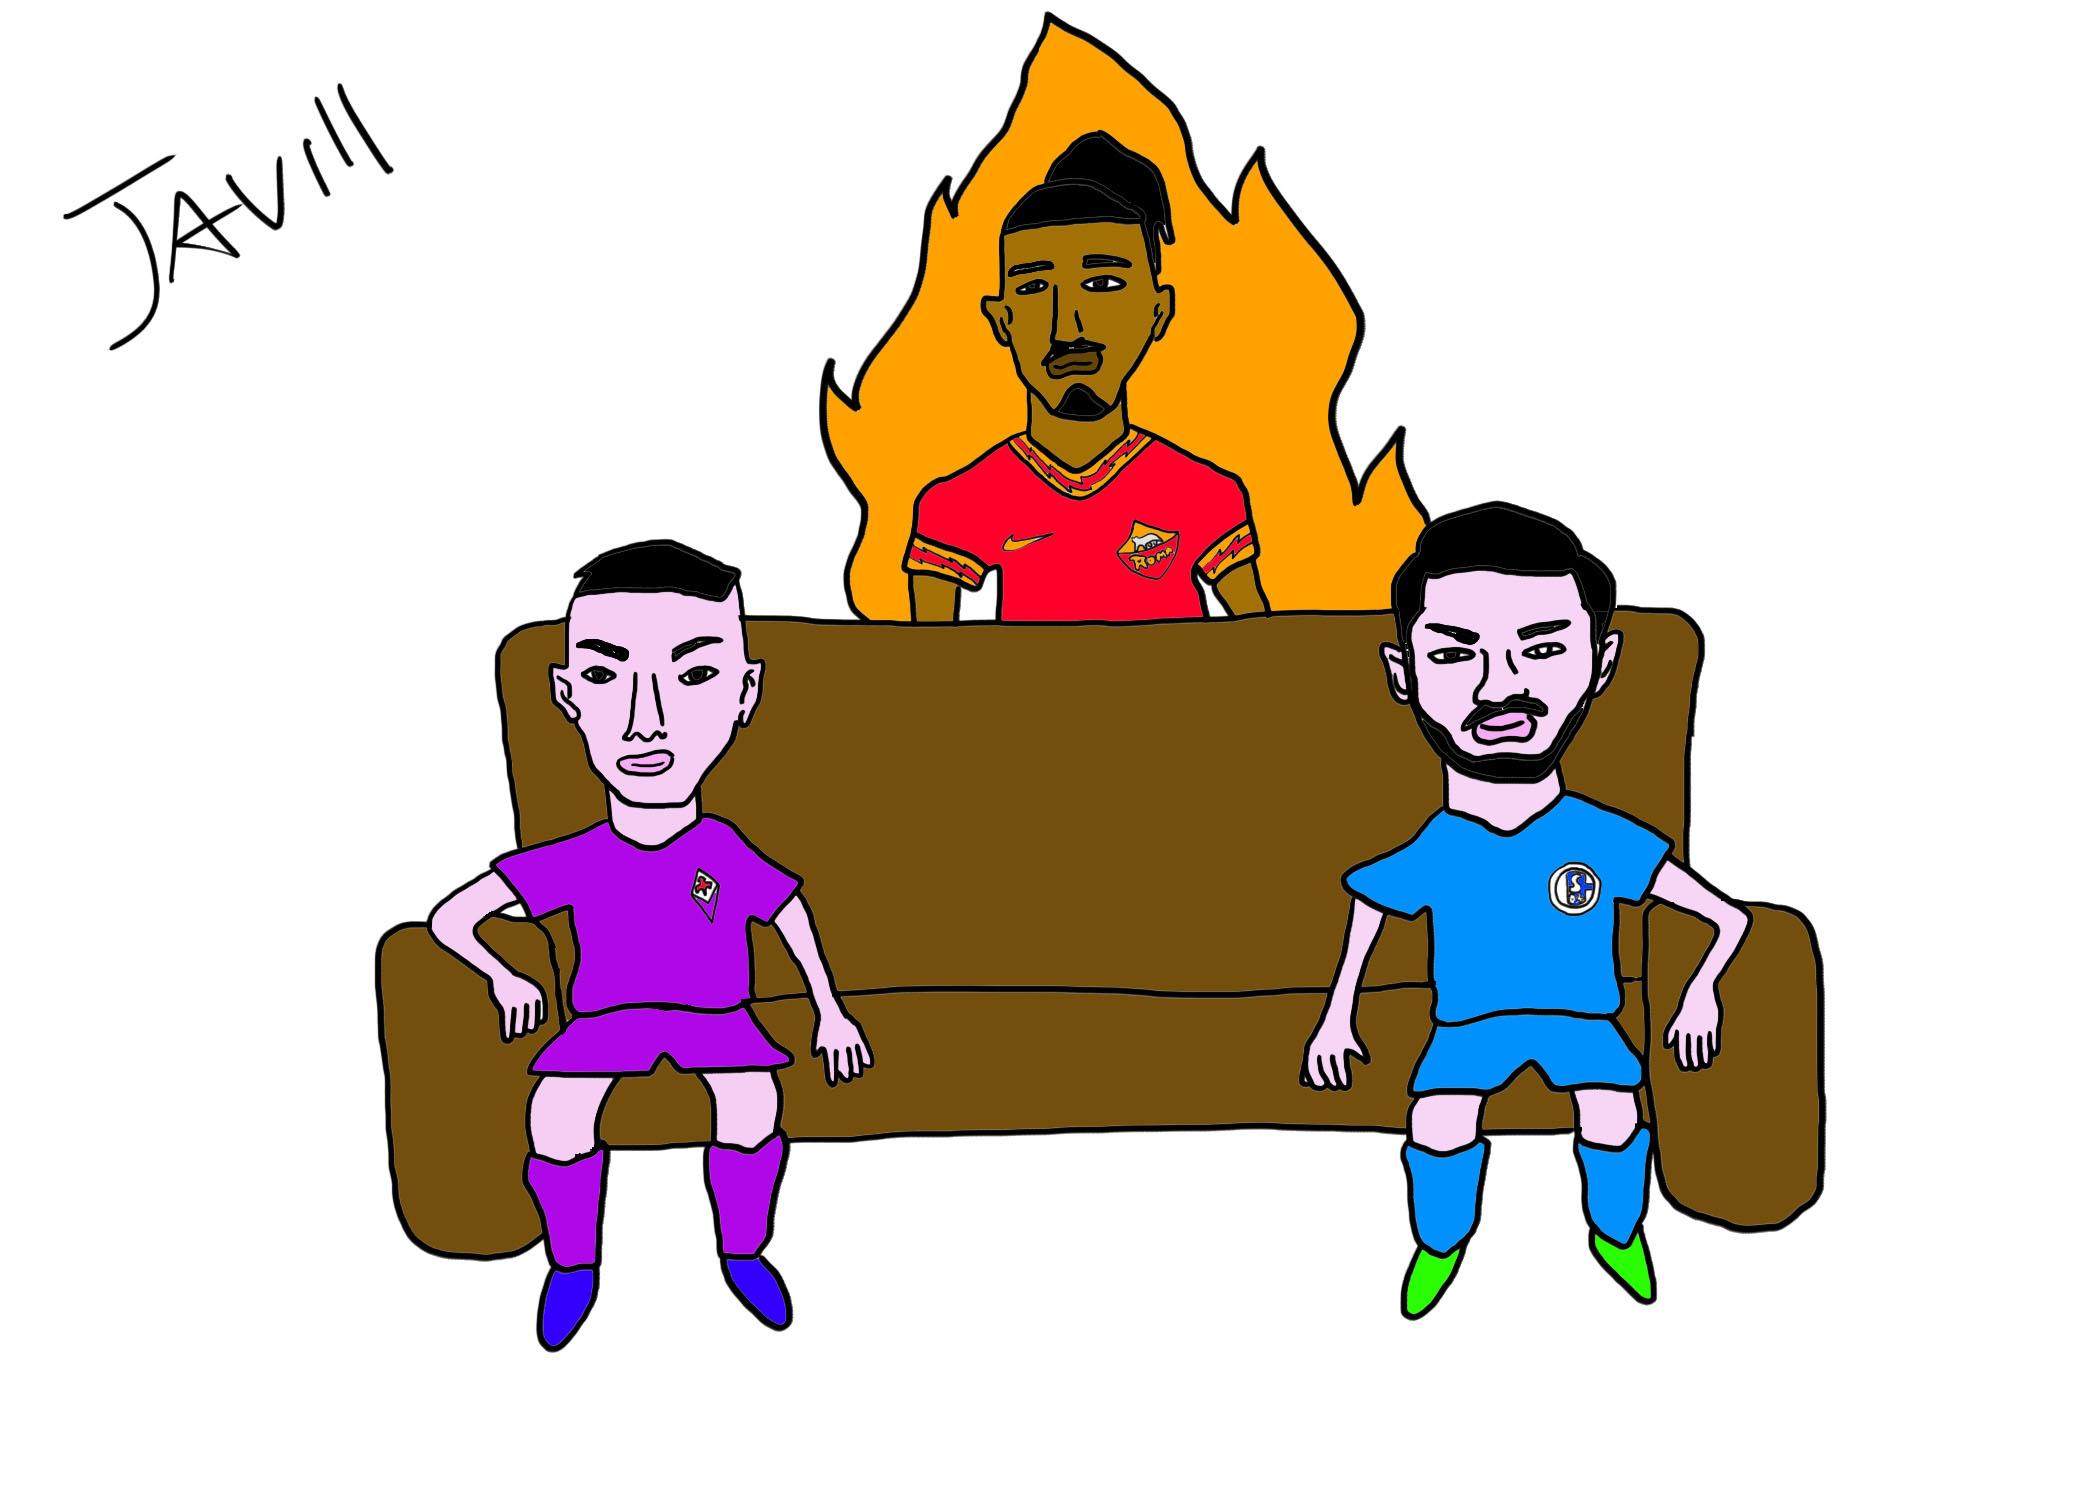 Calciomercato Inter, corsa a tre per il dopo Skriniar c è il ritorno di fiamma (1)